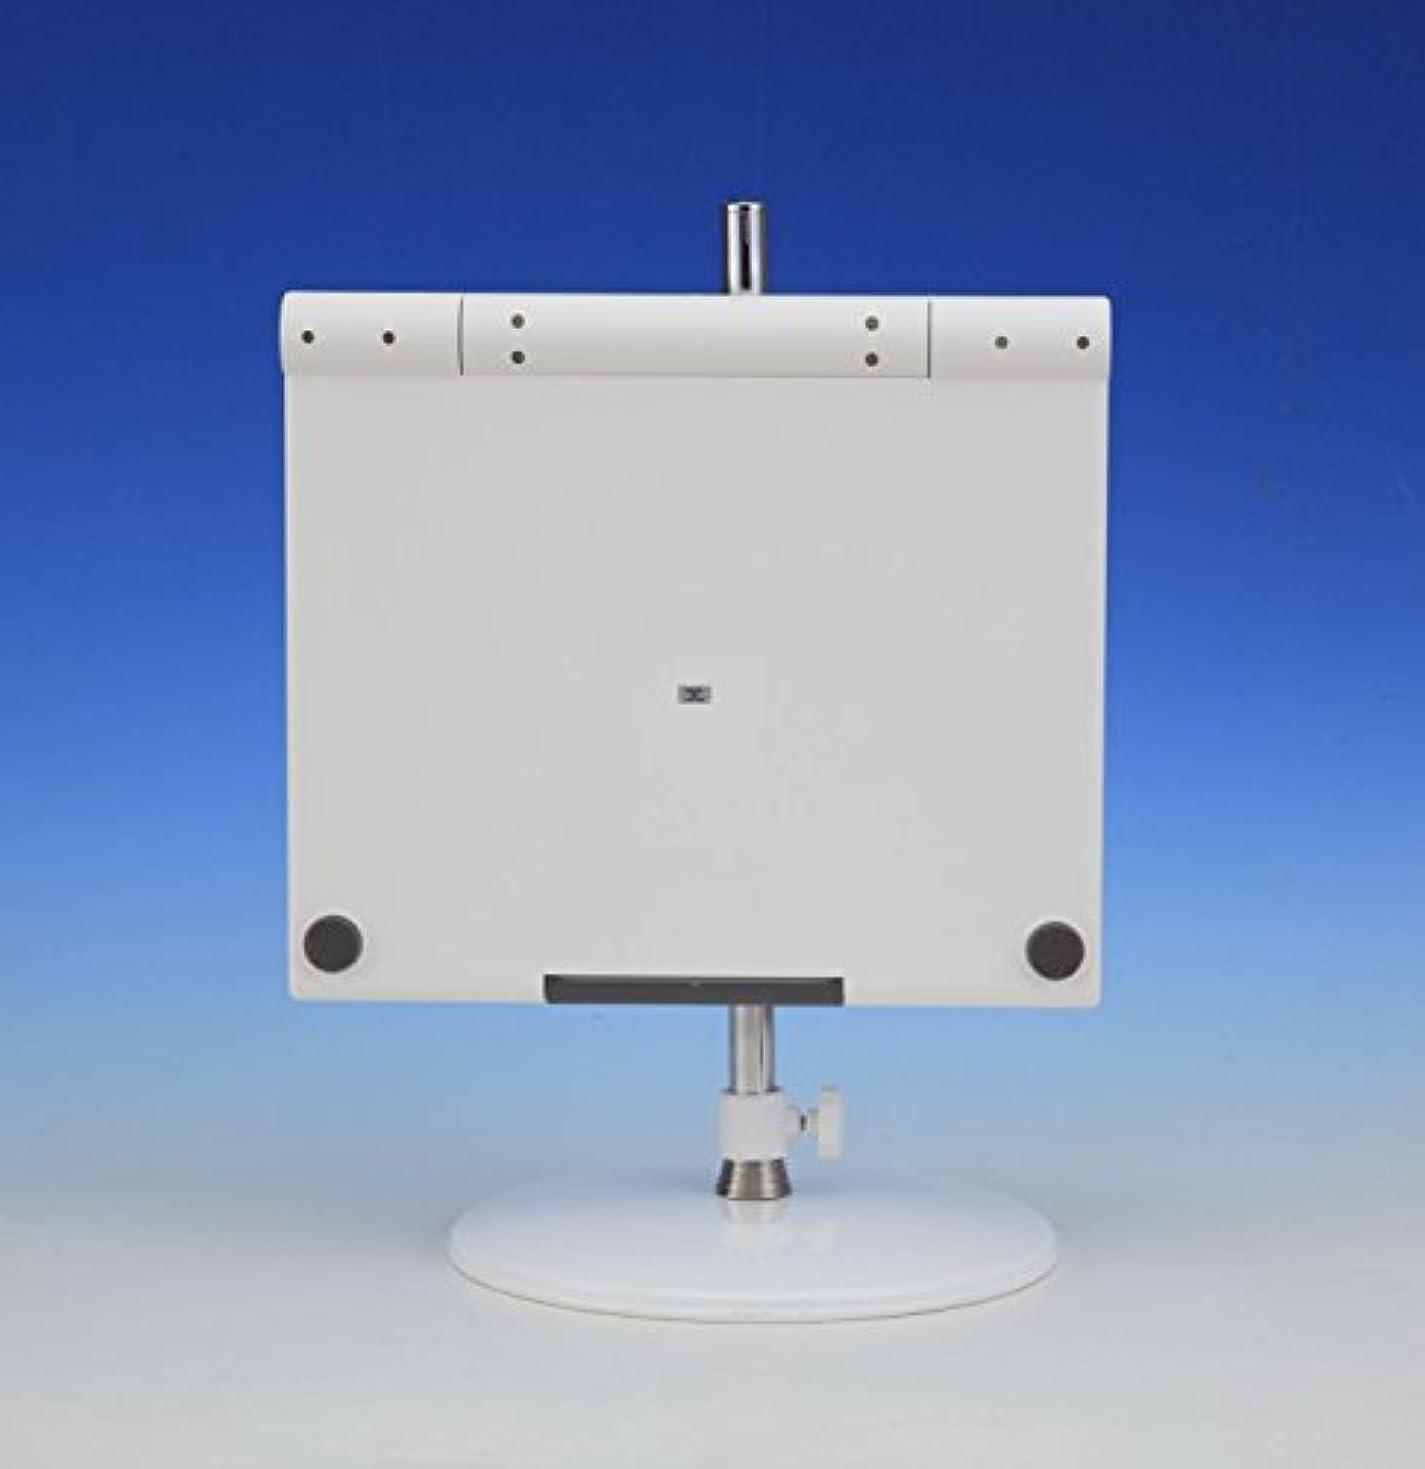 電気の有効化パット新型スリーウェイミラー!スタンドミラー三面鏡 (白)